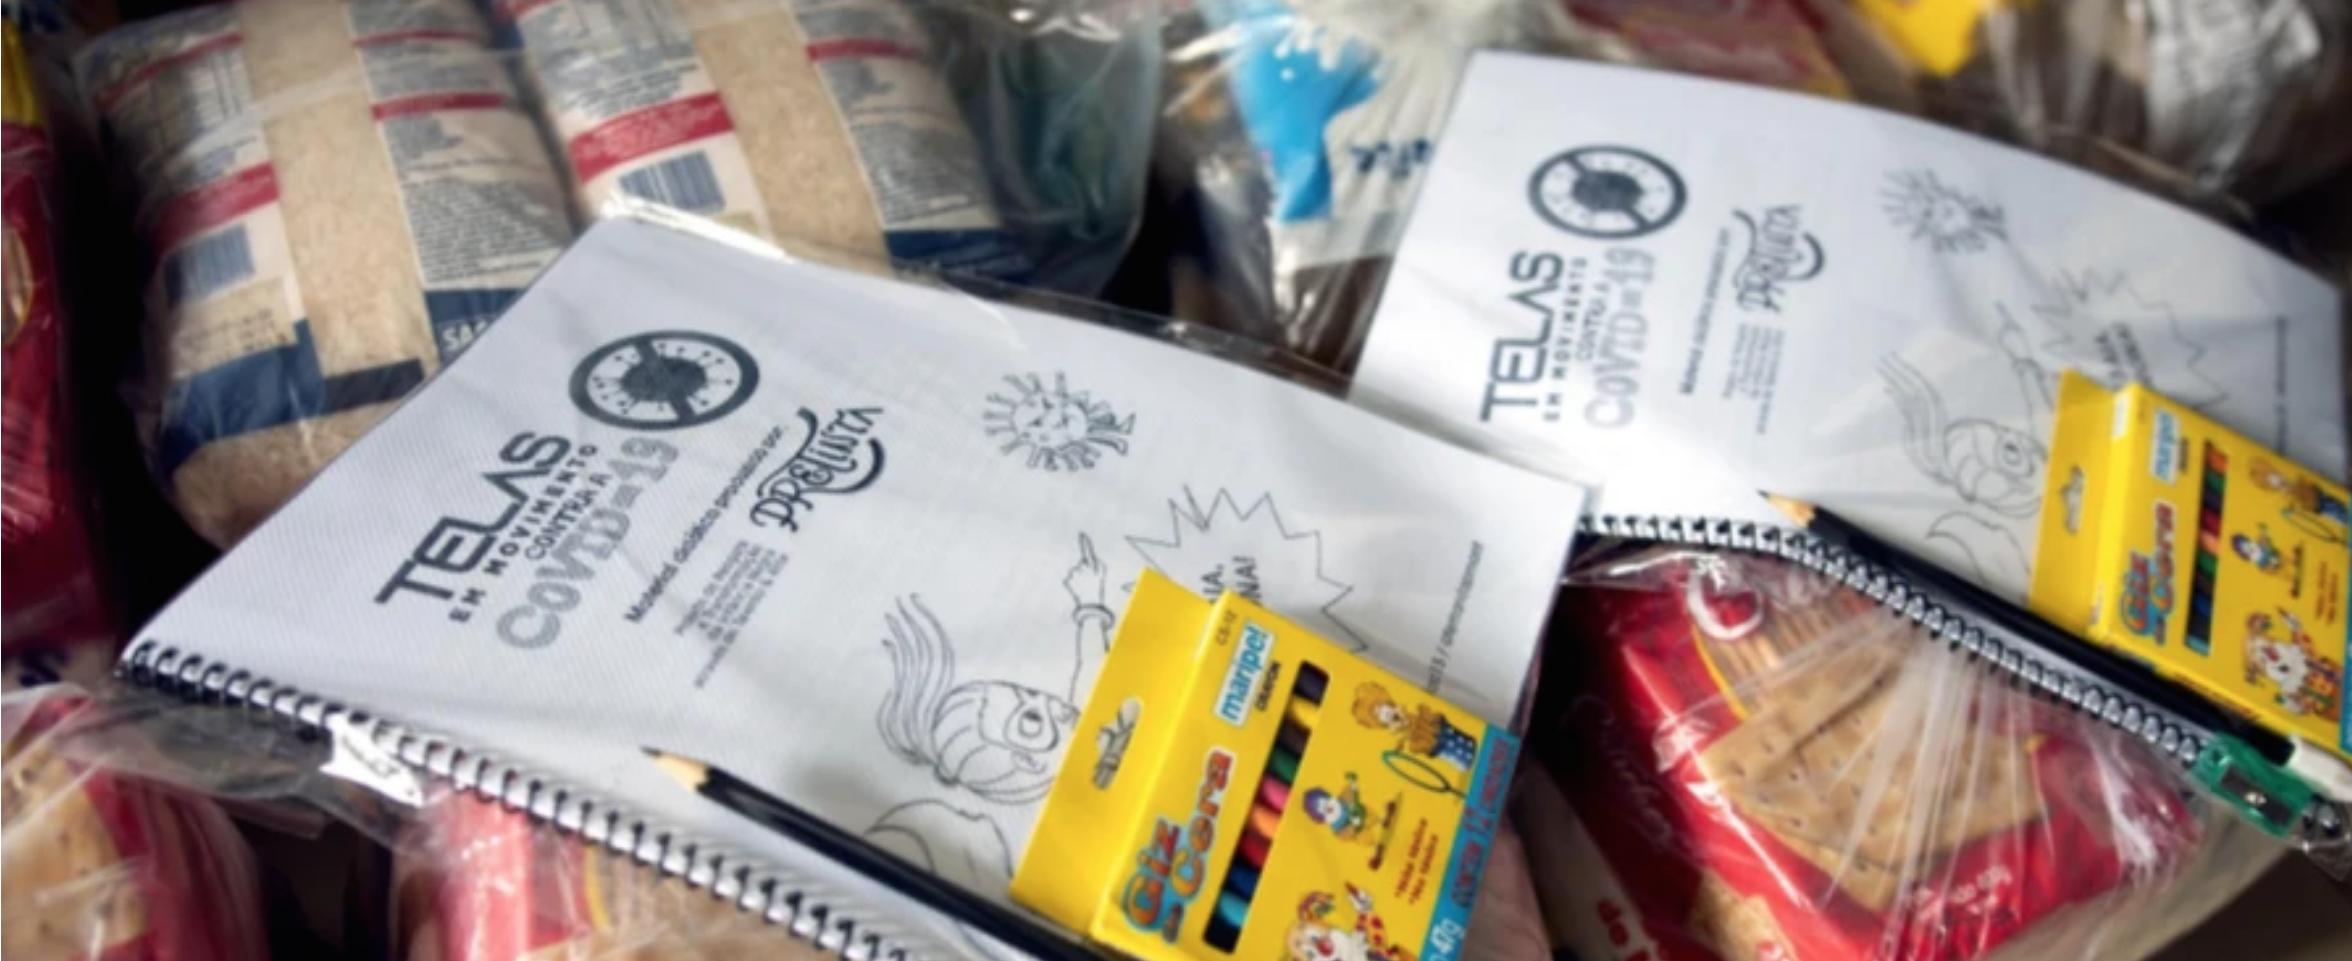 Delivery of the Telas da Esperança (Screens of Hope) Kit in Belém, Pará. (Photos: Ursula Bahia and Ariela Motizuki)